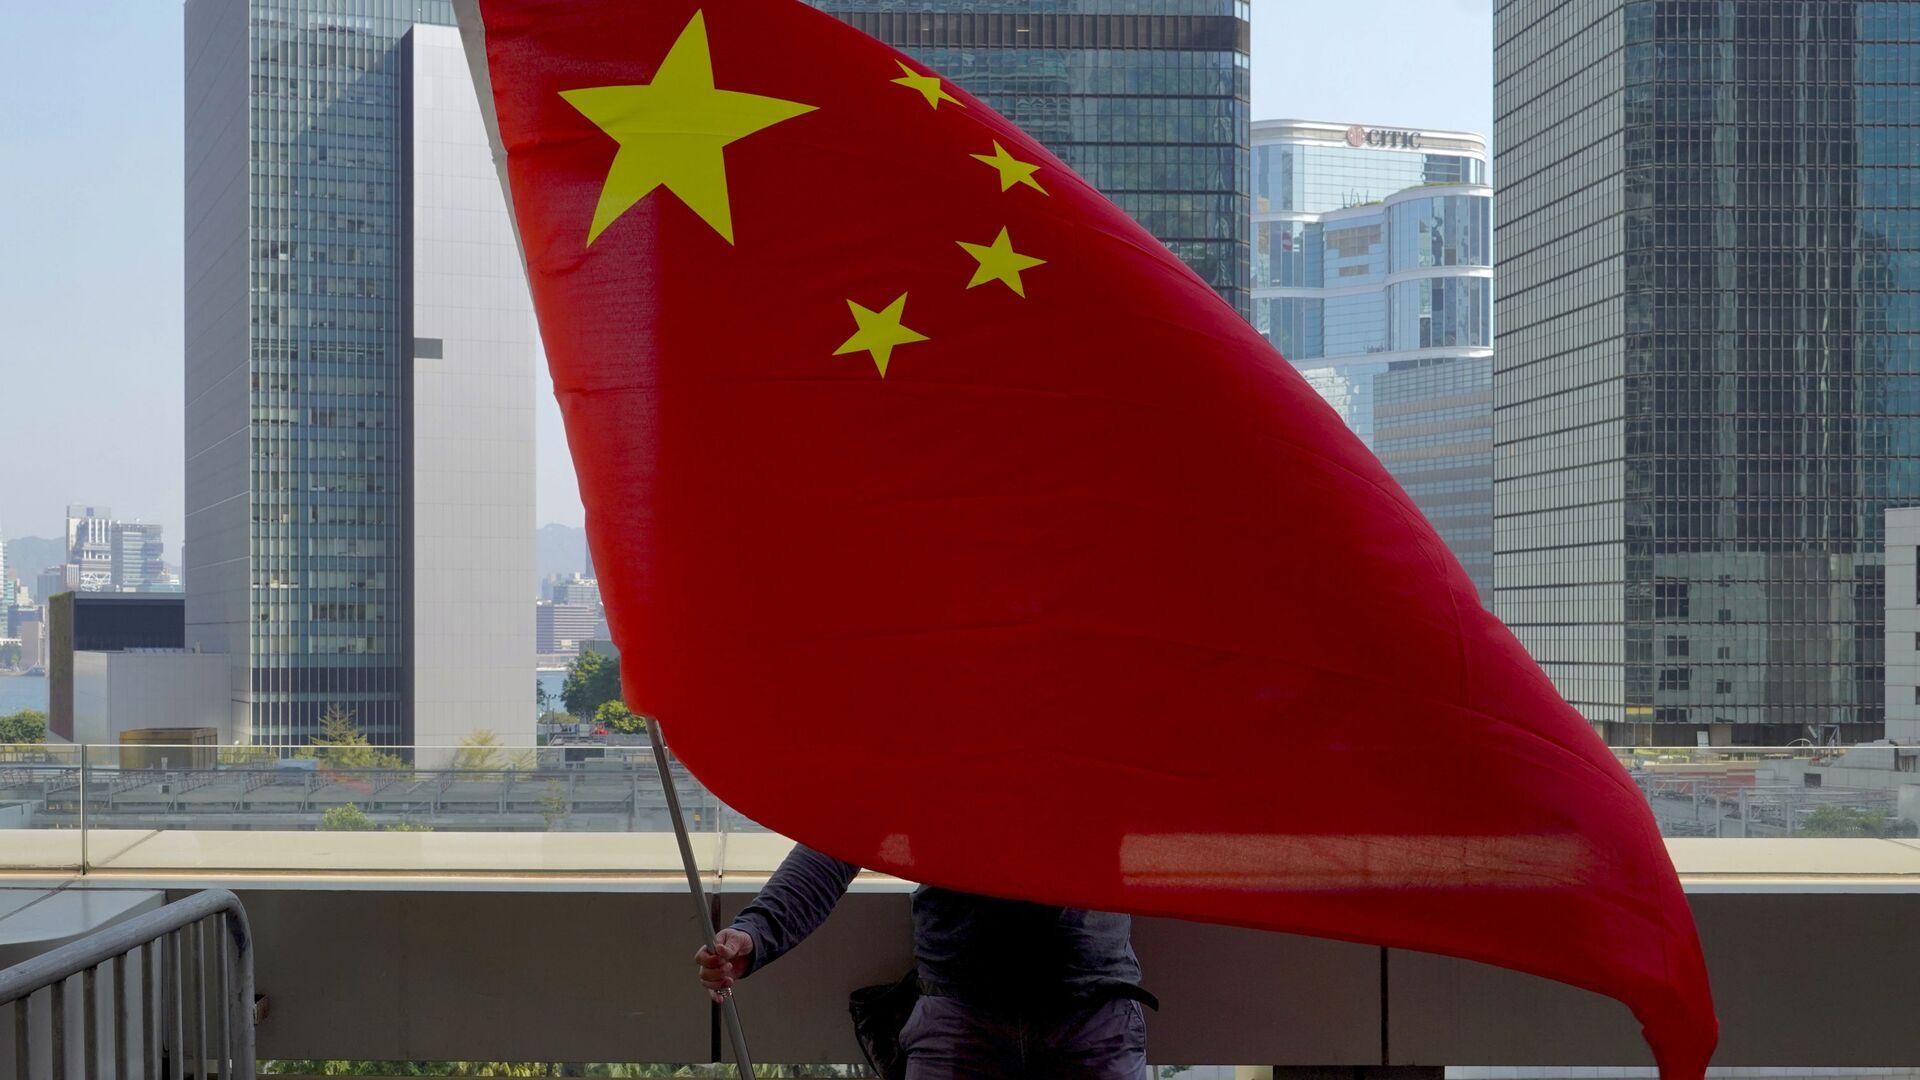 Hong Kong, Cina protesta contro le nuove sanzioni americane - Sputnik Italia, 1920, 17.03.2021